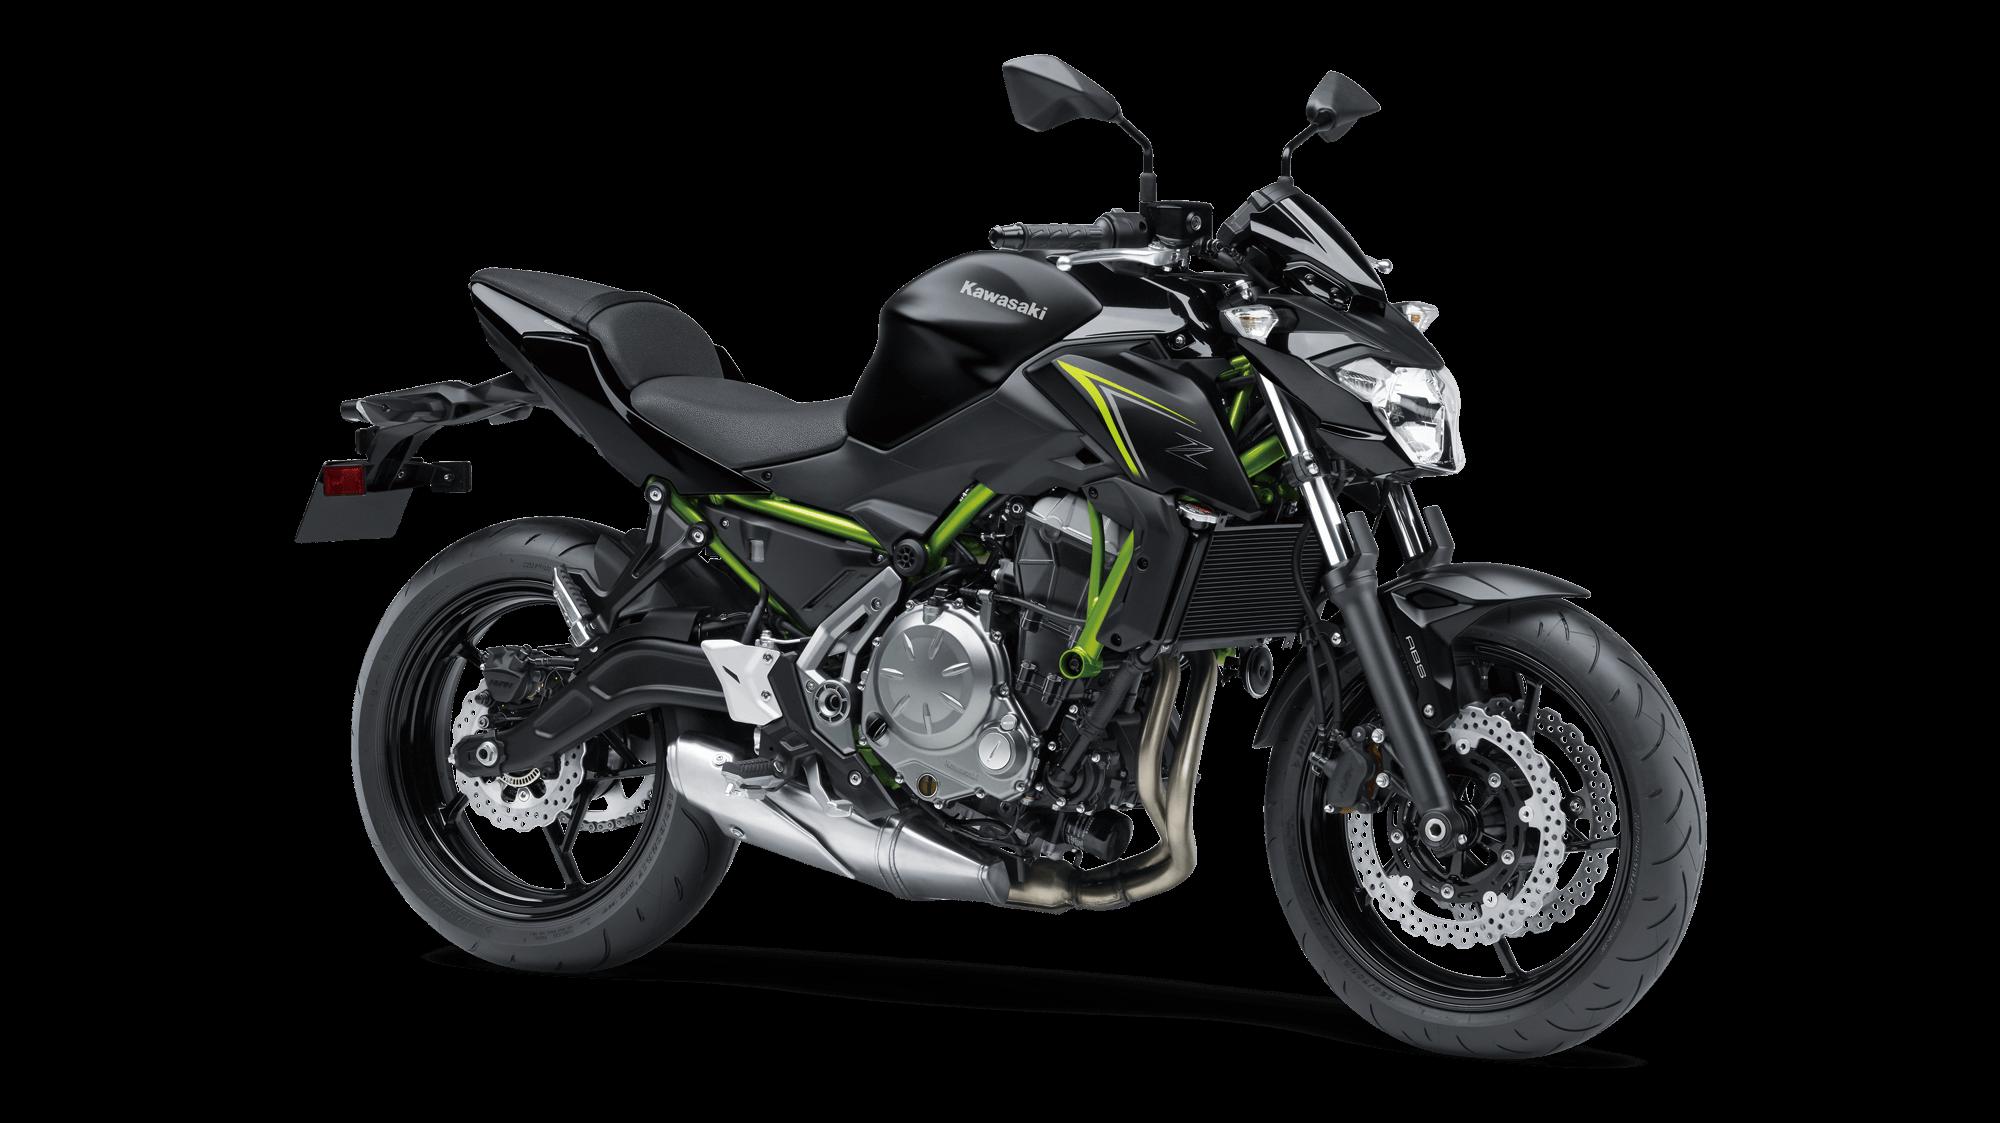 2018 Z650 ABS Z Motorcycle By Kawasaki